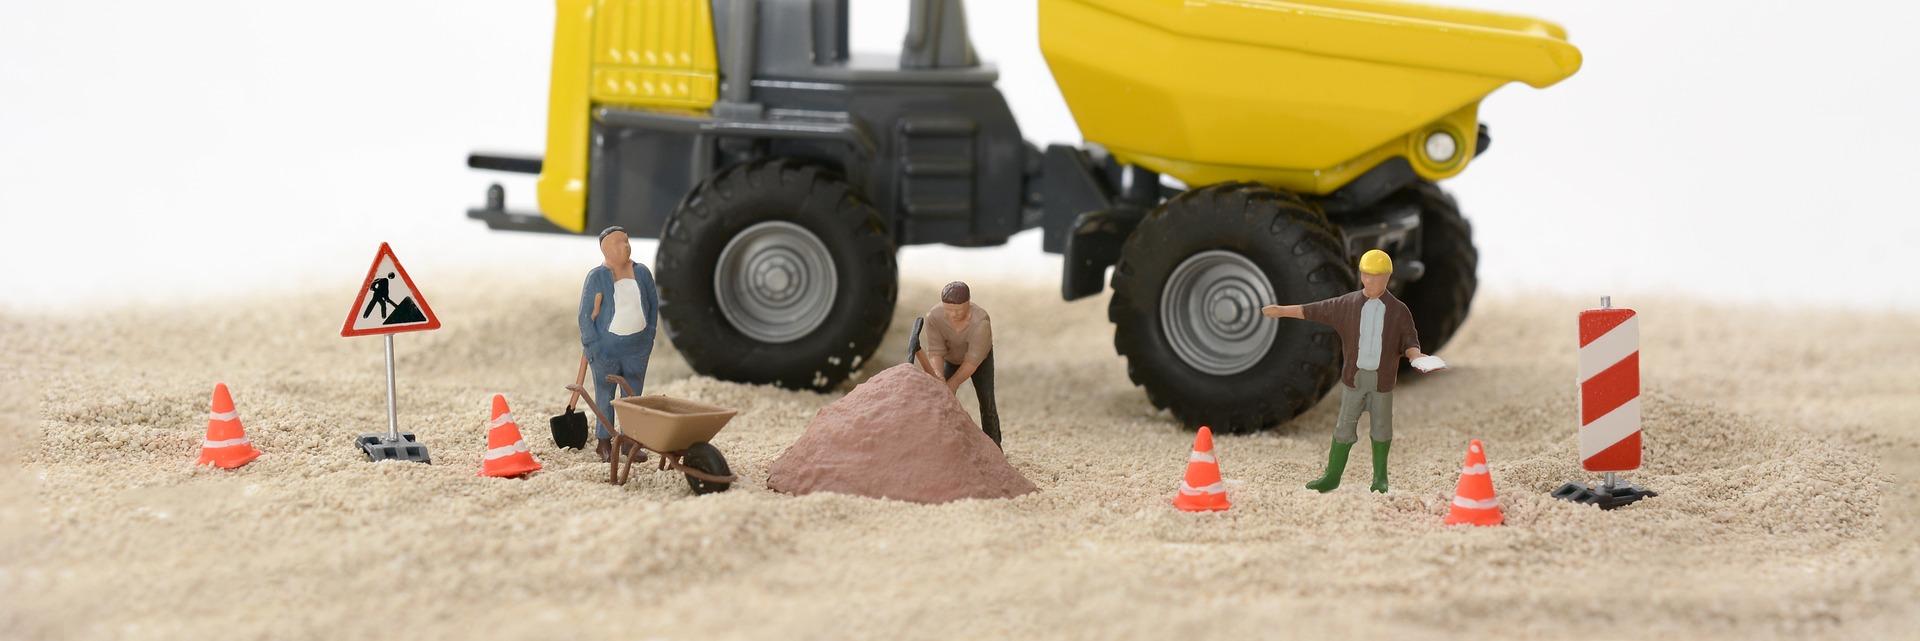 職場のハラスメント防止研修・総合対策